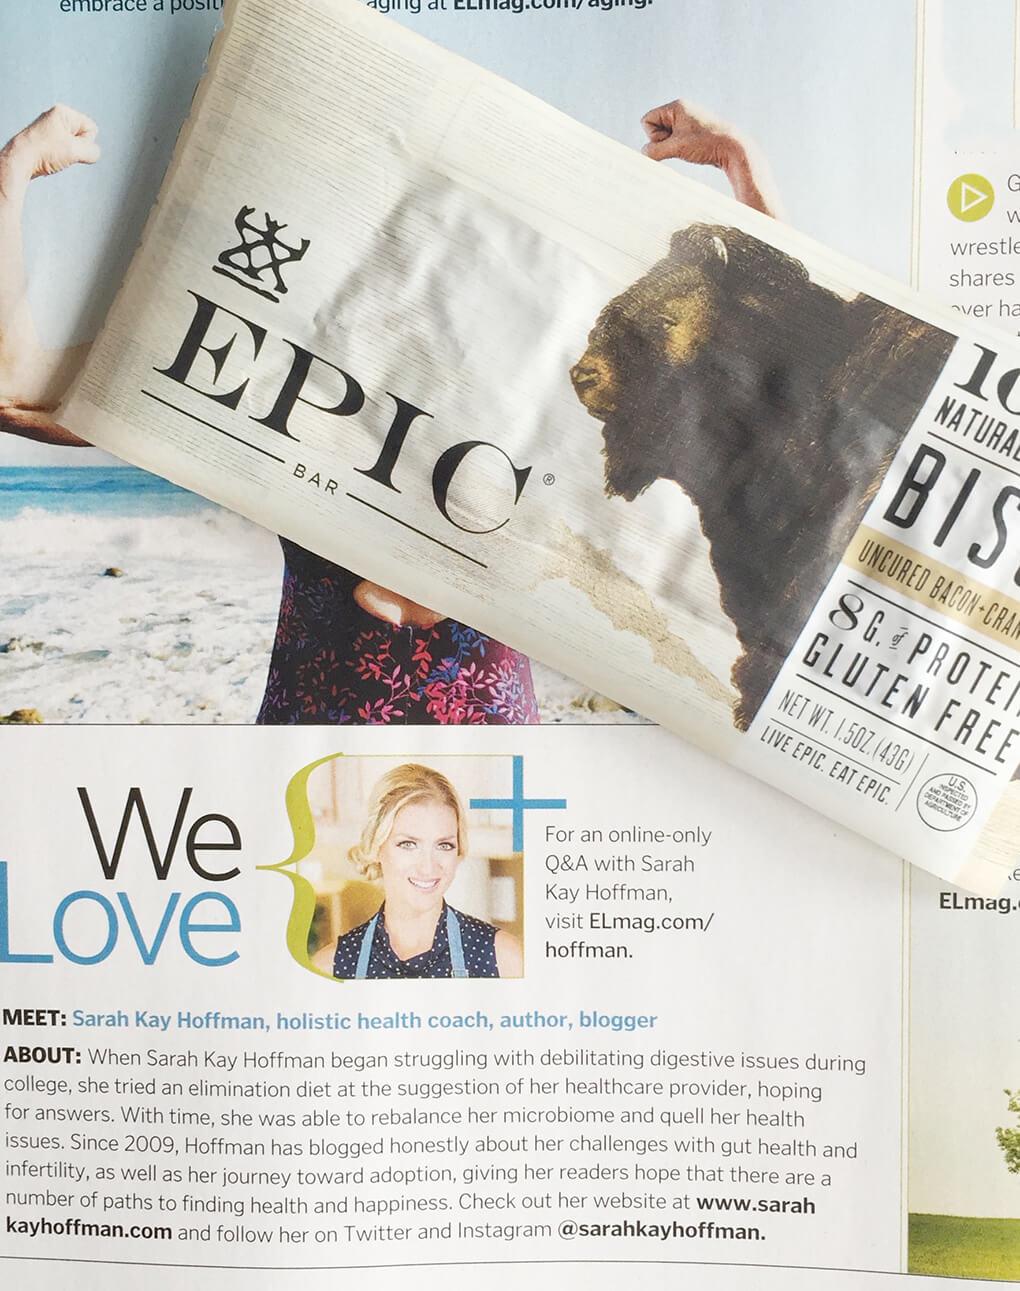 Journey to Healing Experience Life Magazine Sarah Kay Hoffman sarahkayhoffman.com